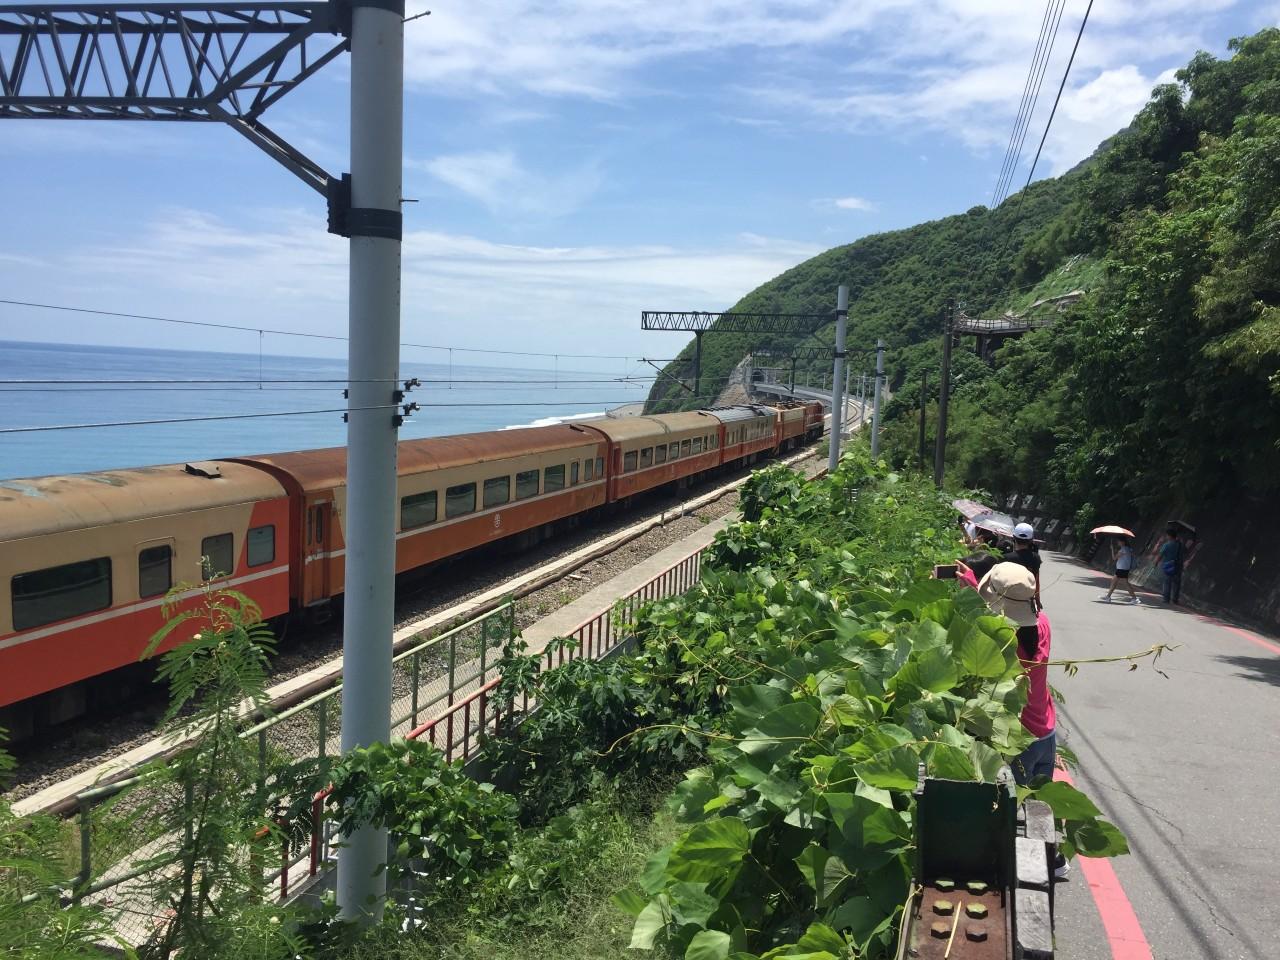 素有台灣最美的濱海車站「多良火車站」即日起徵收入園清潔費